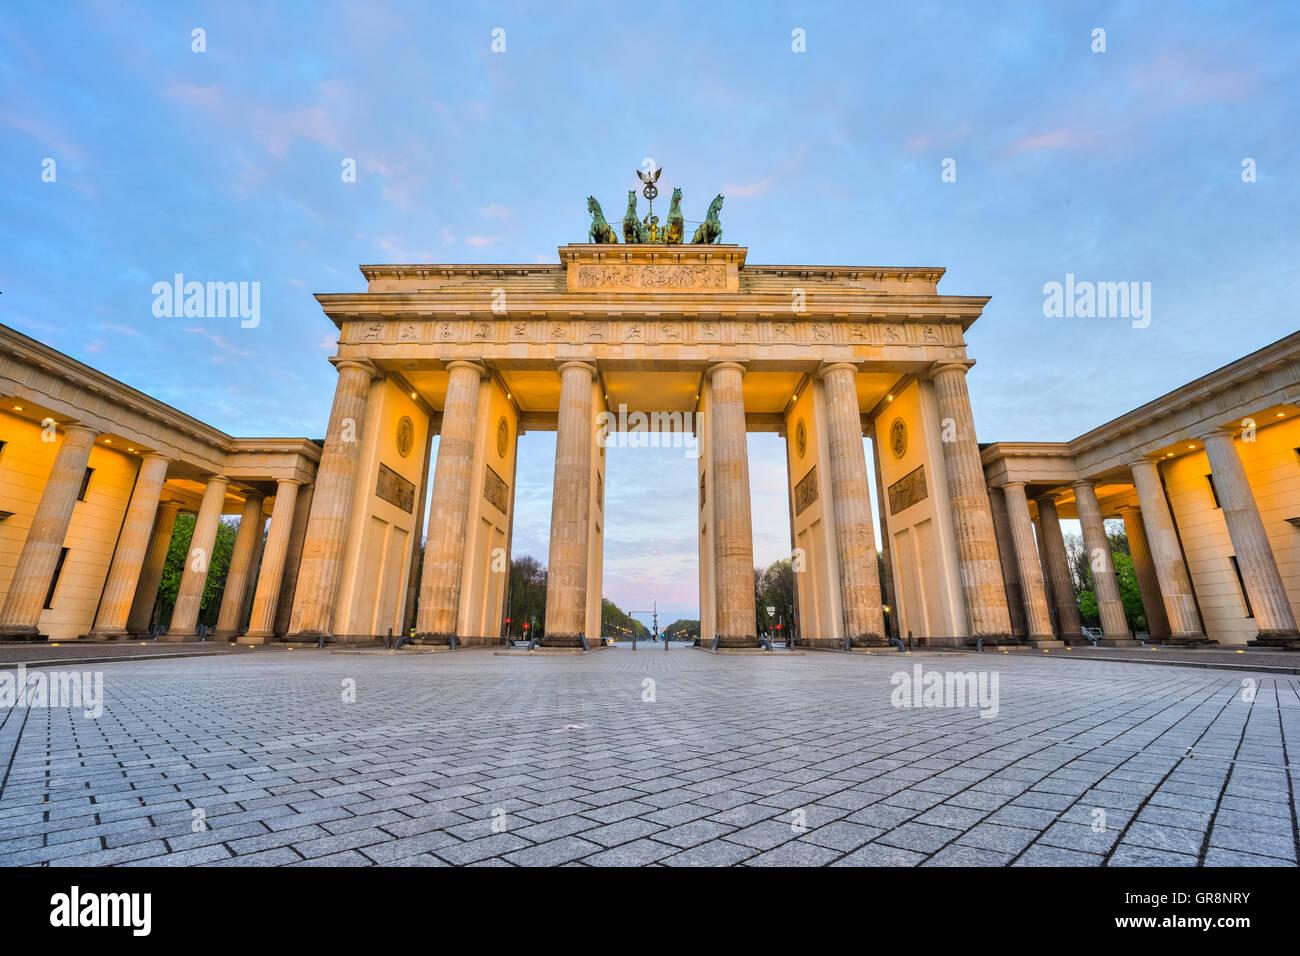 Brandenburger Tor in Berlin, Germany. - Stock Image